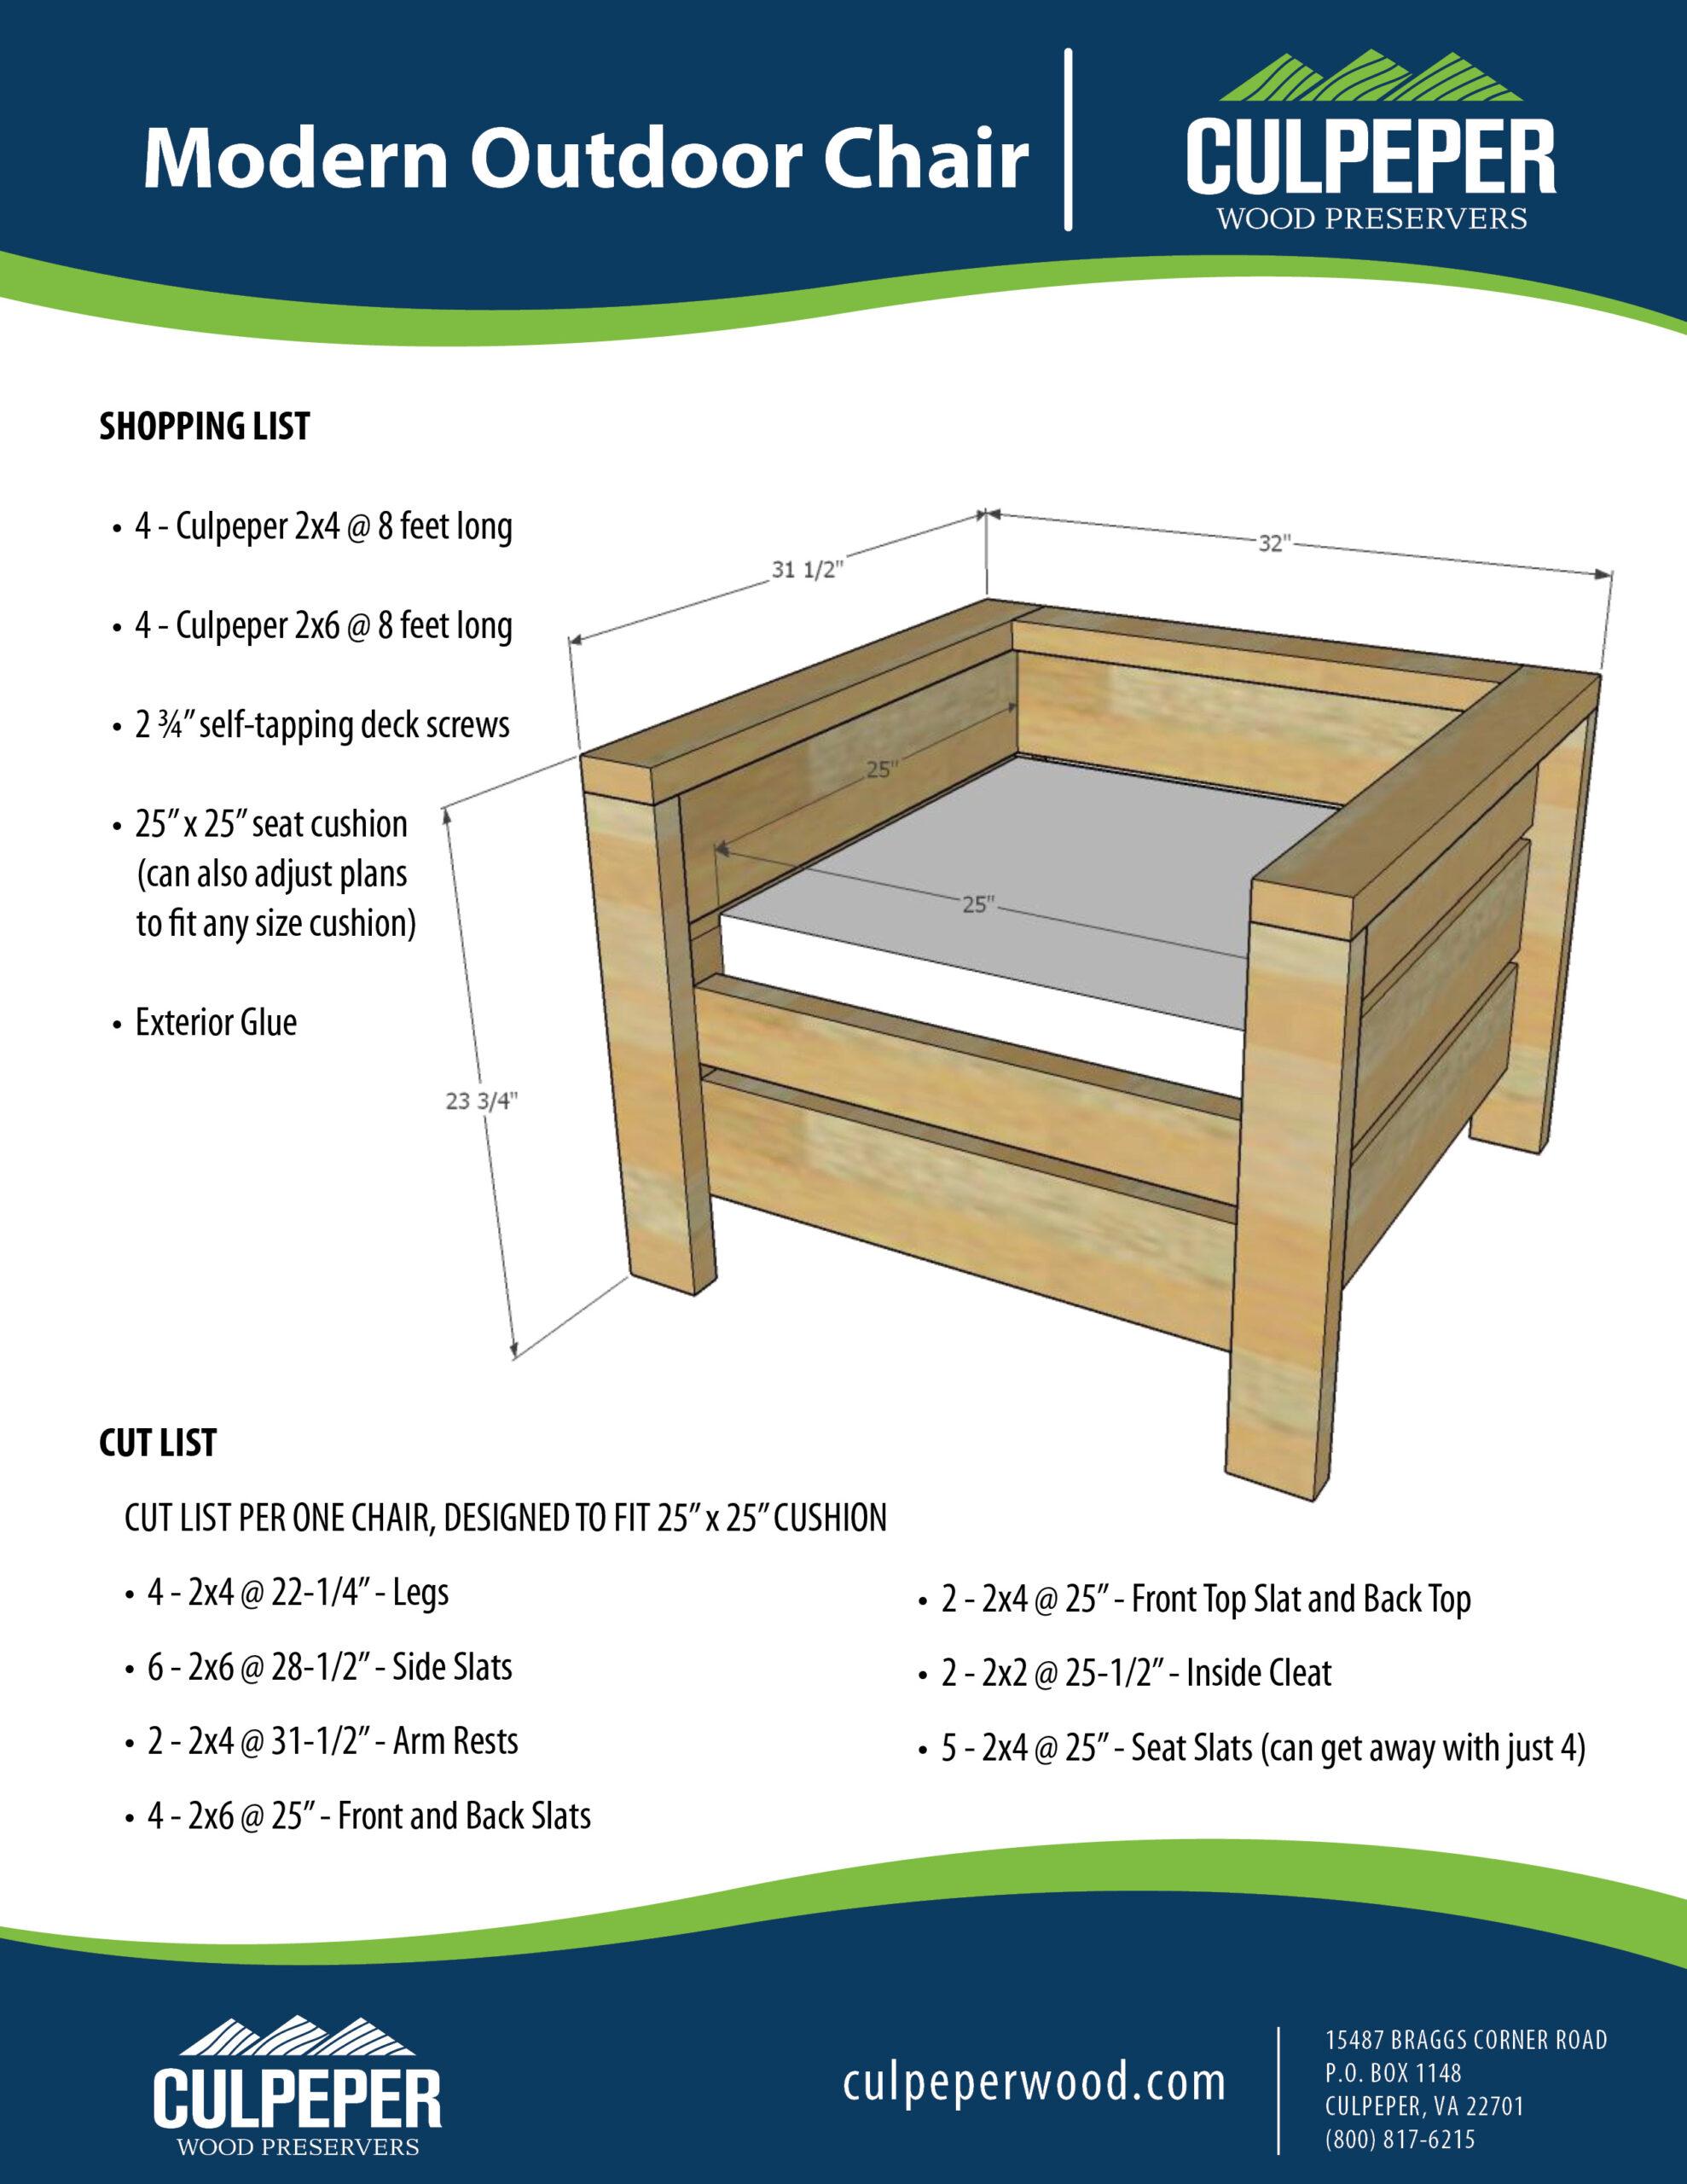 Modern Outdoor Chair KK050520